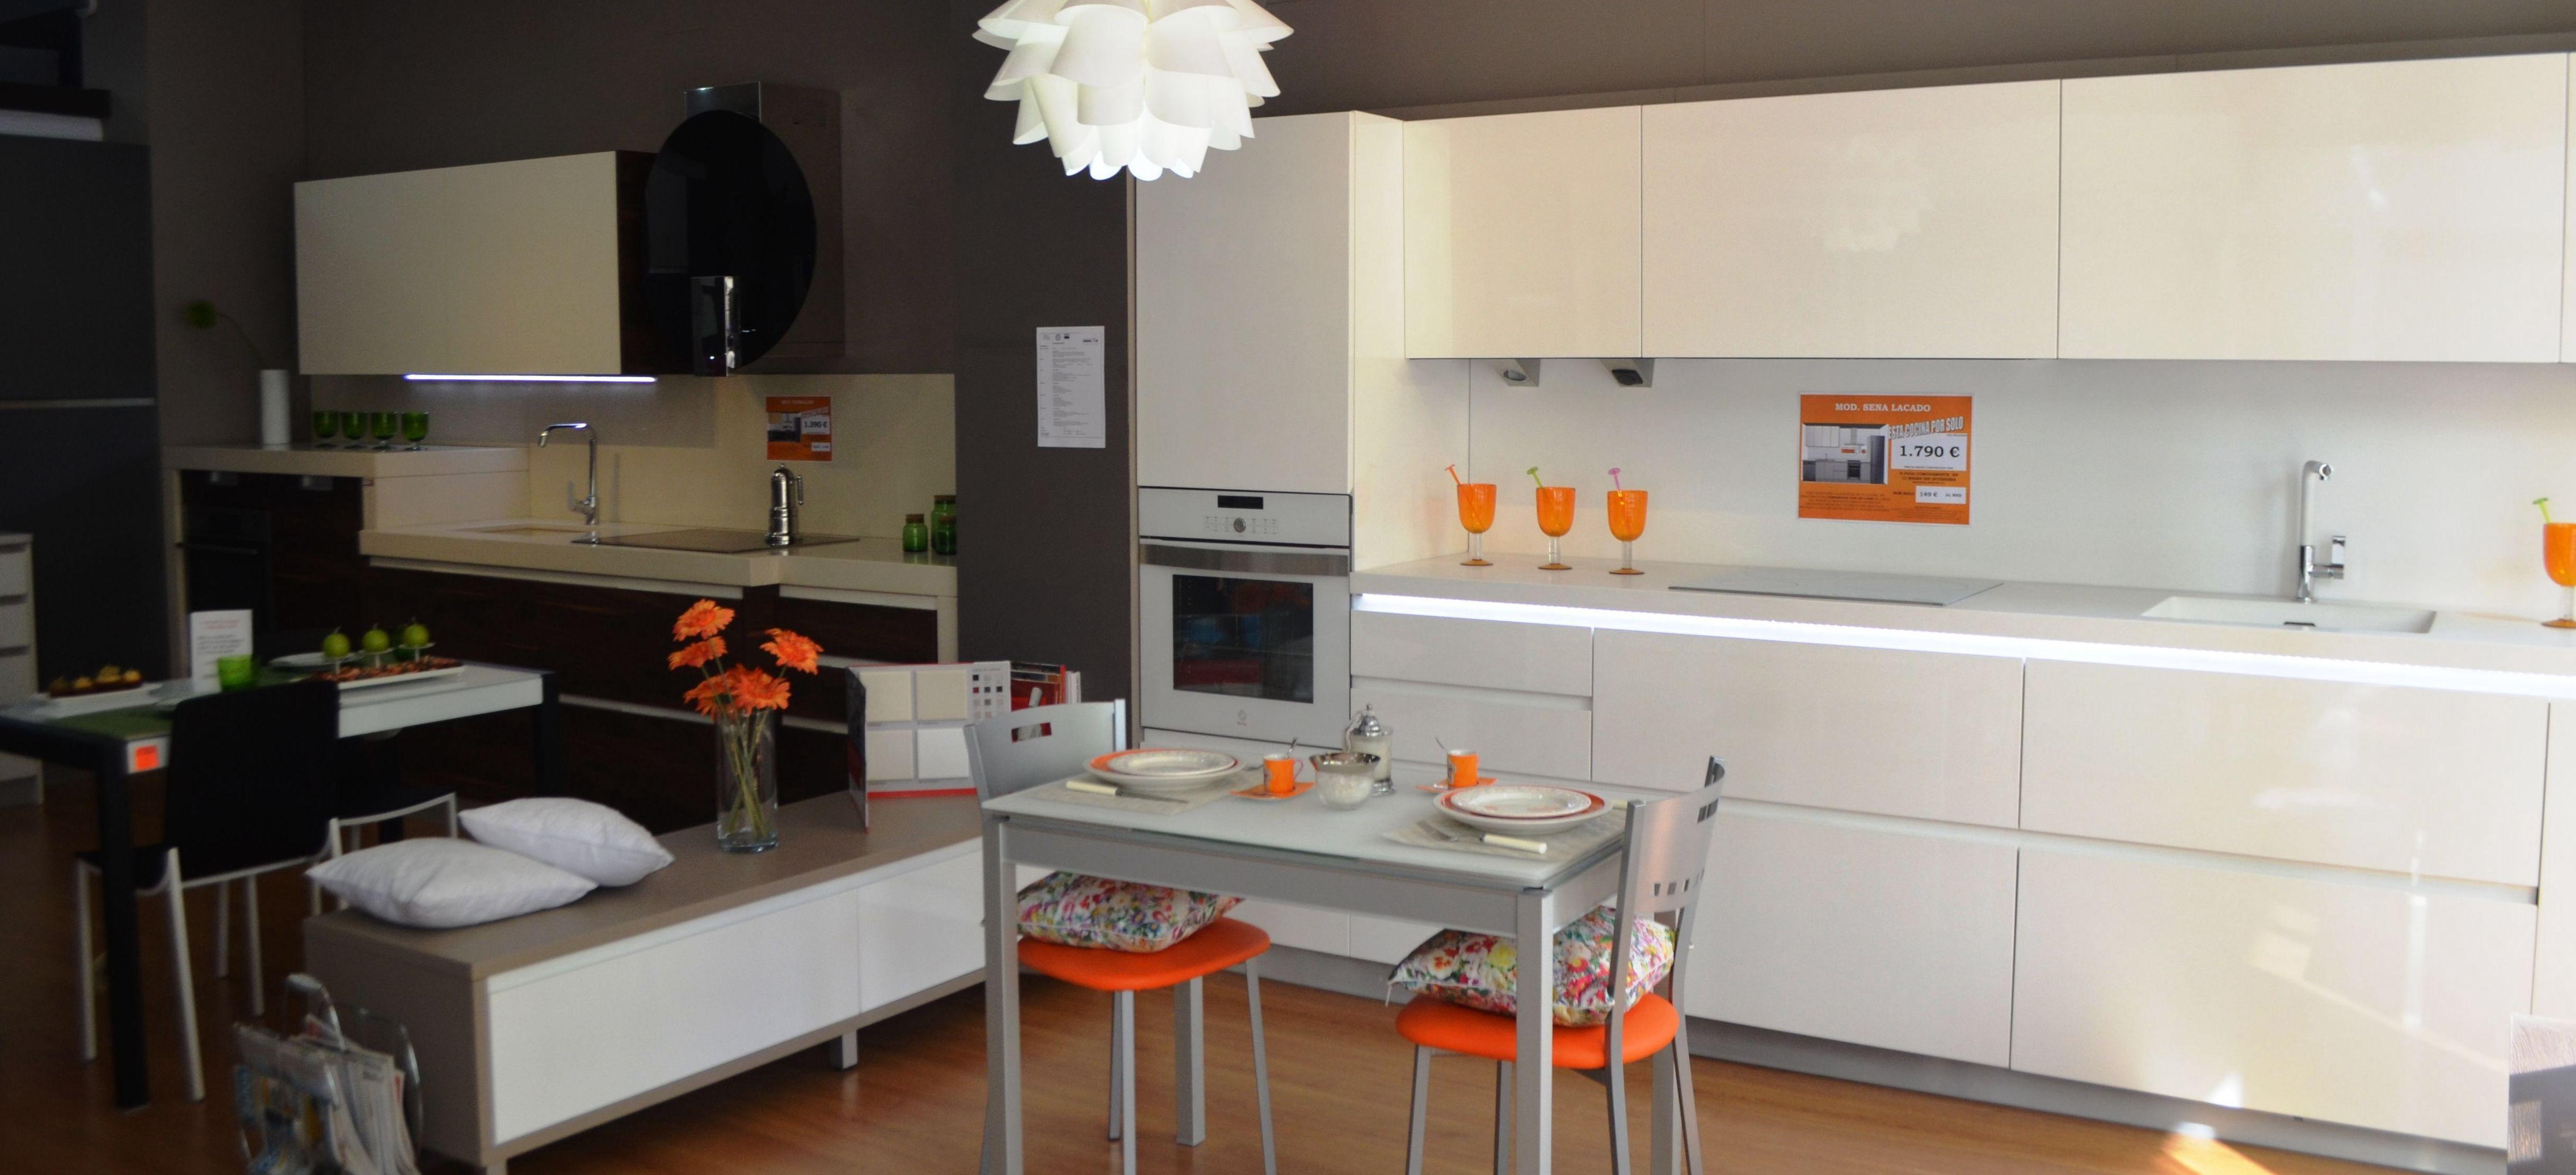 En cocinas baratas en getafe aqu hallar s un amplio Muebles de cocina modulares baratos